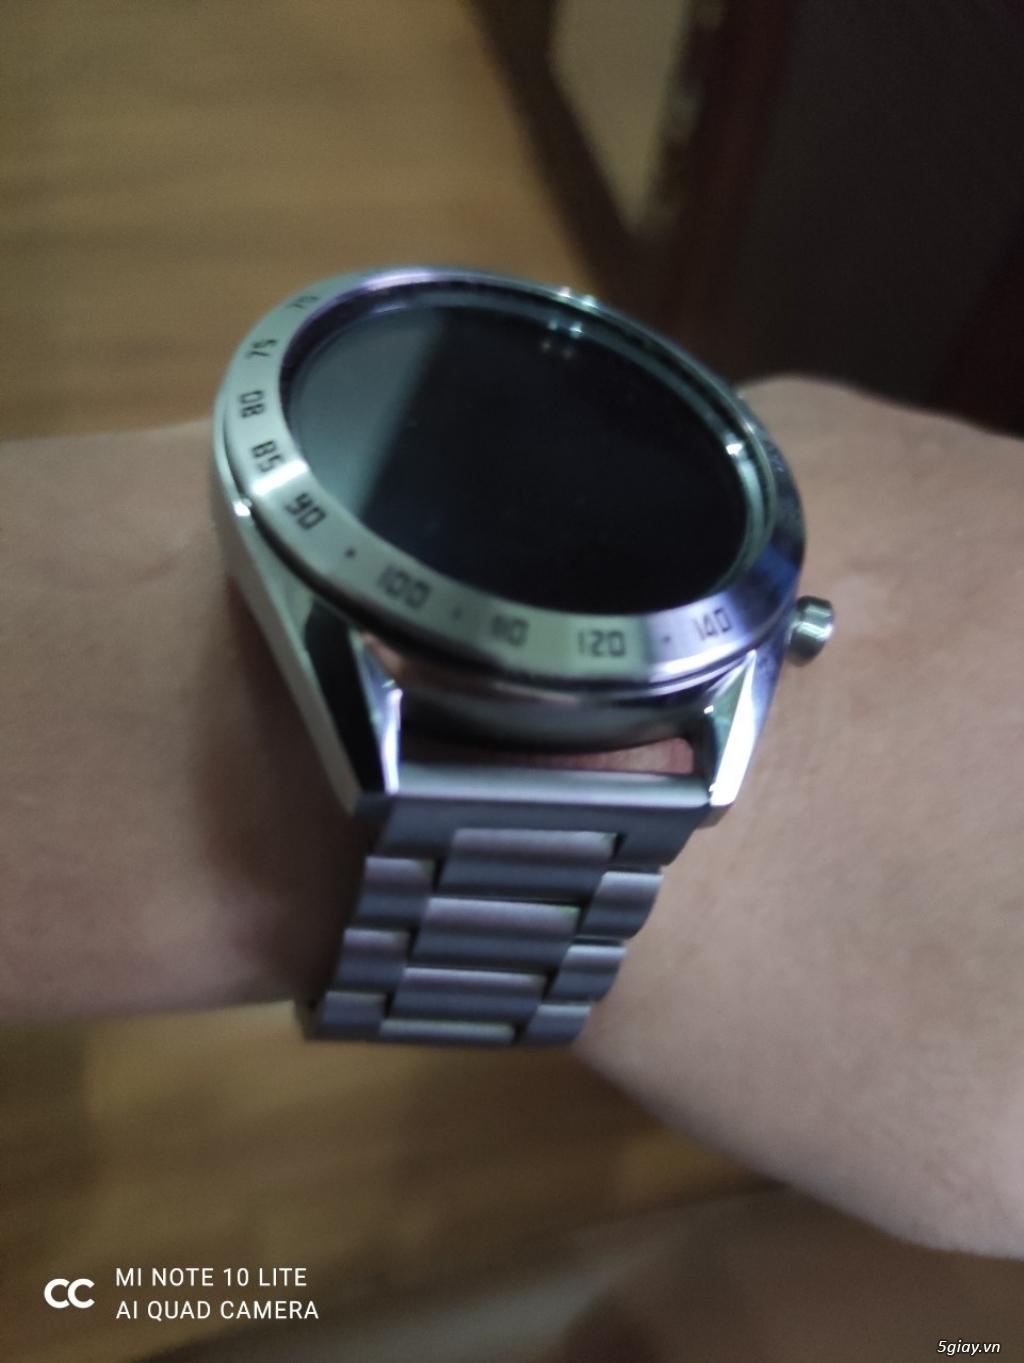 Huawei Watch GT 46mm Bản Classic dây thép fullbox- Samsung Fit trắng - 1